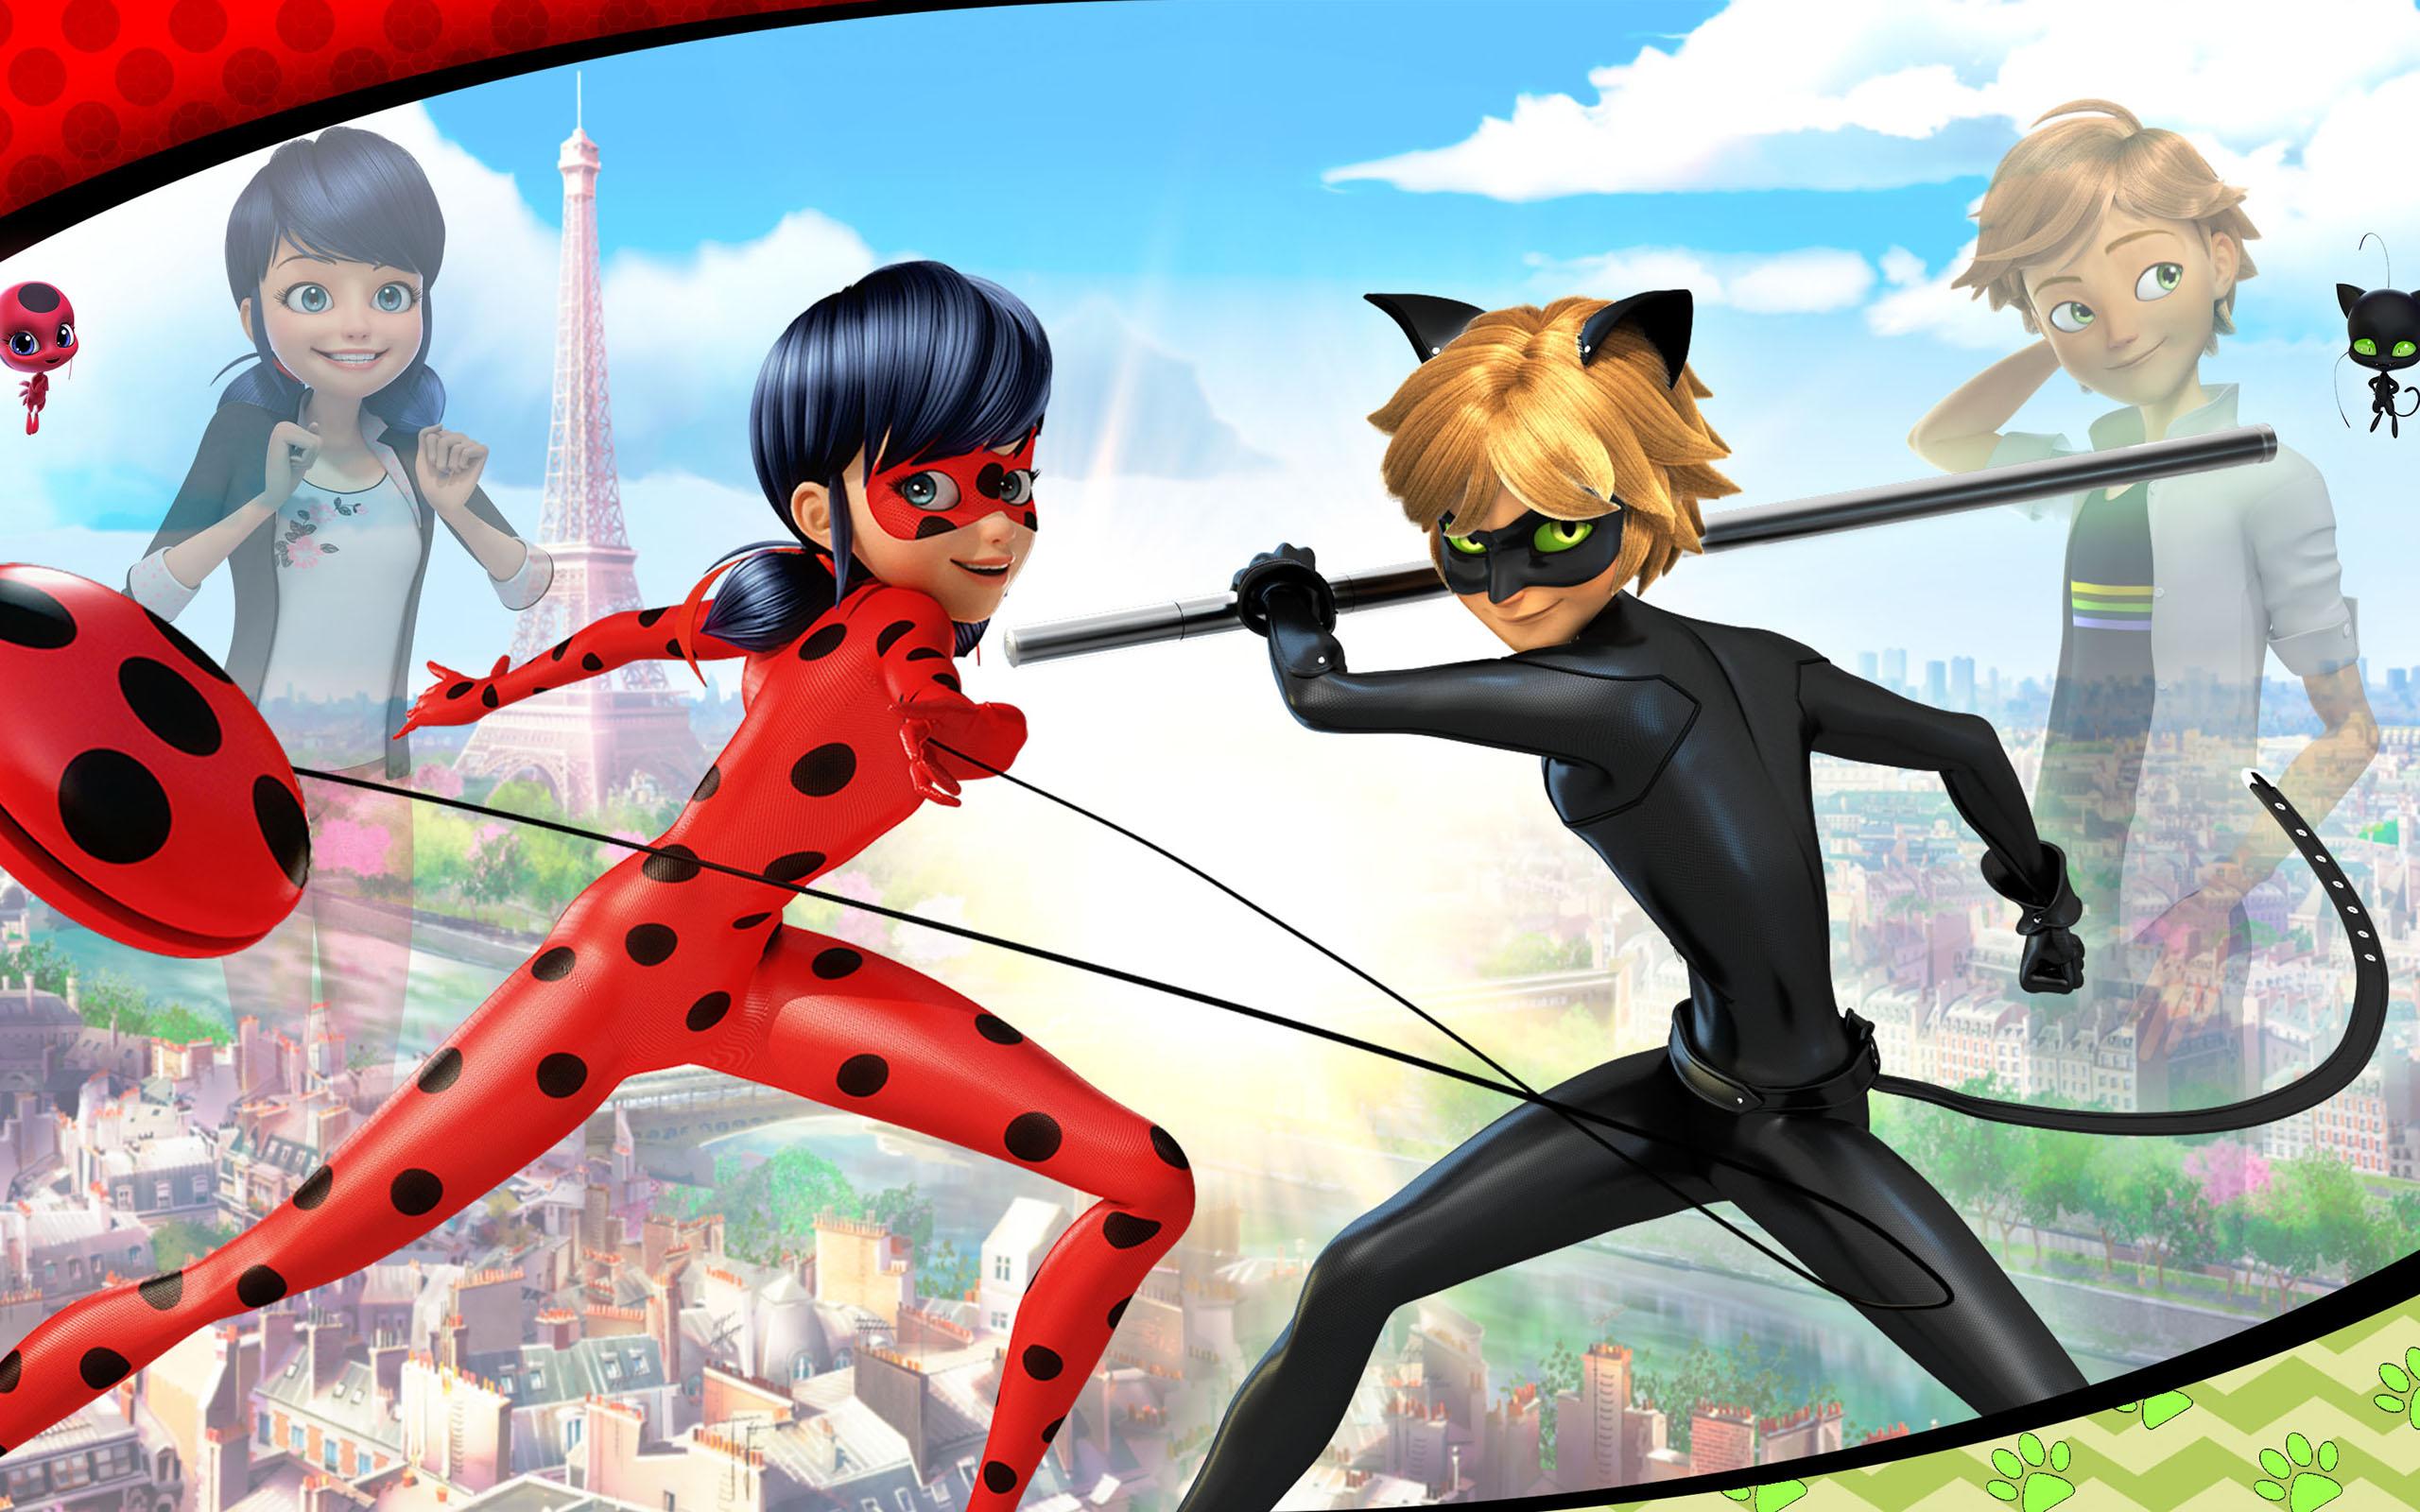 Песня из аниме леди баг и супер кот скачать